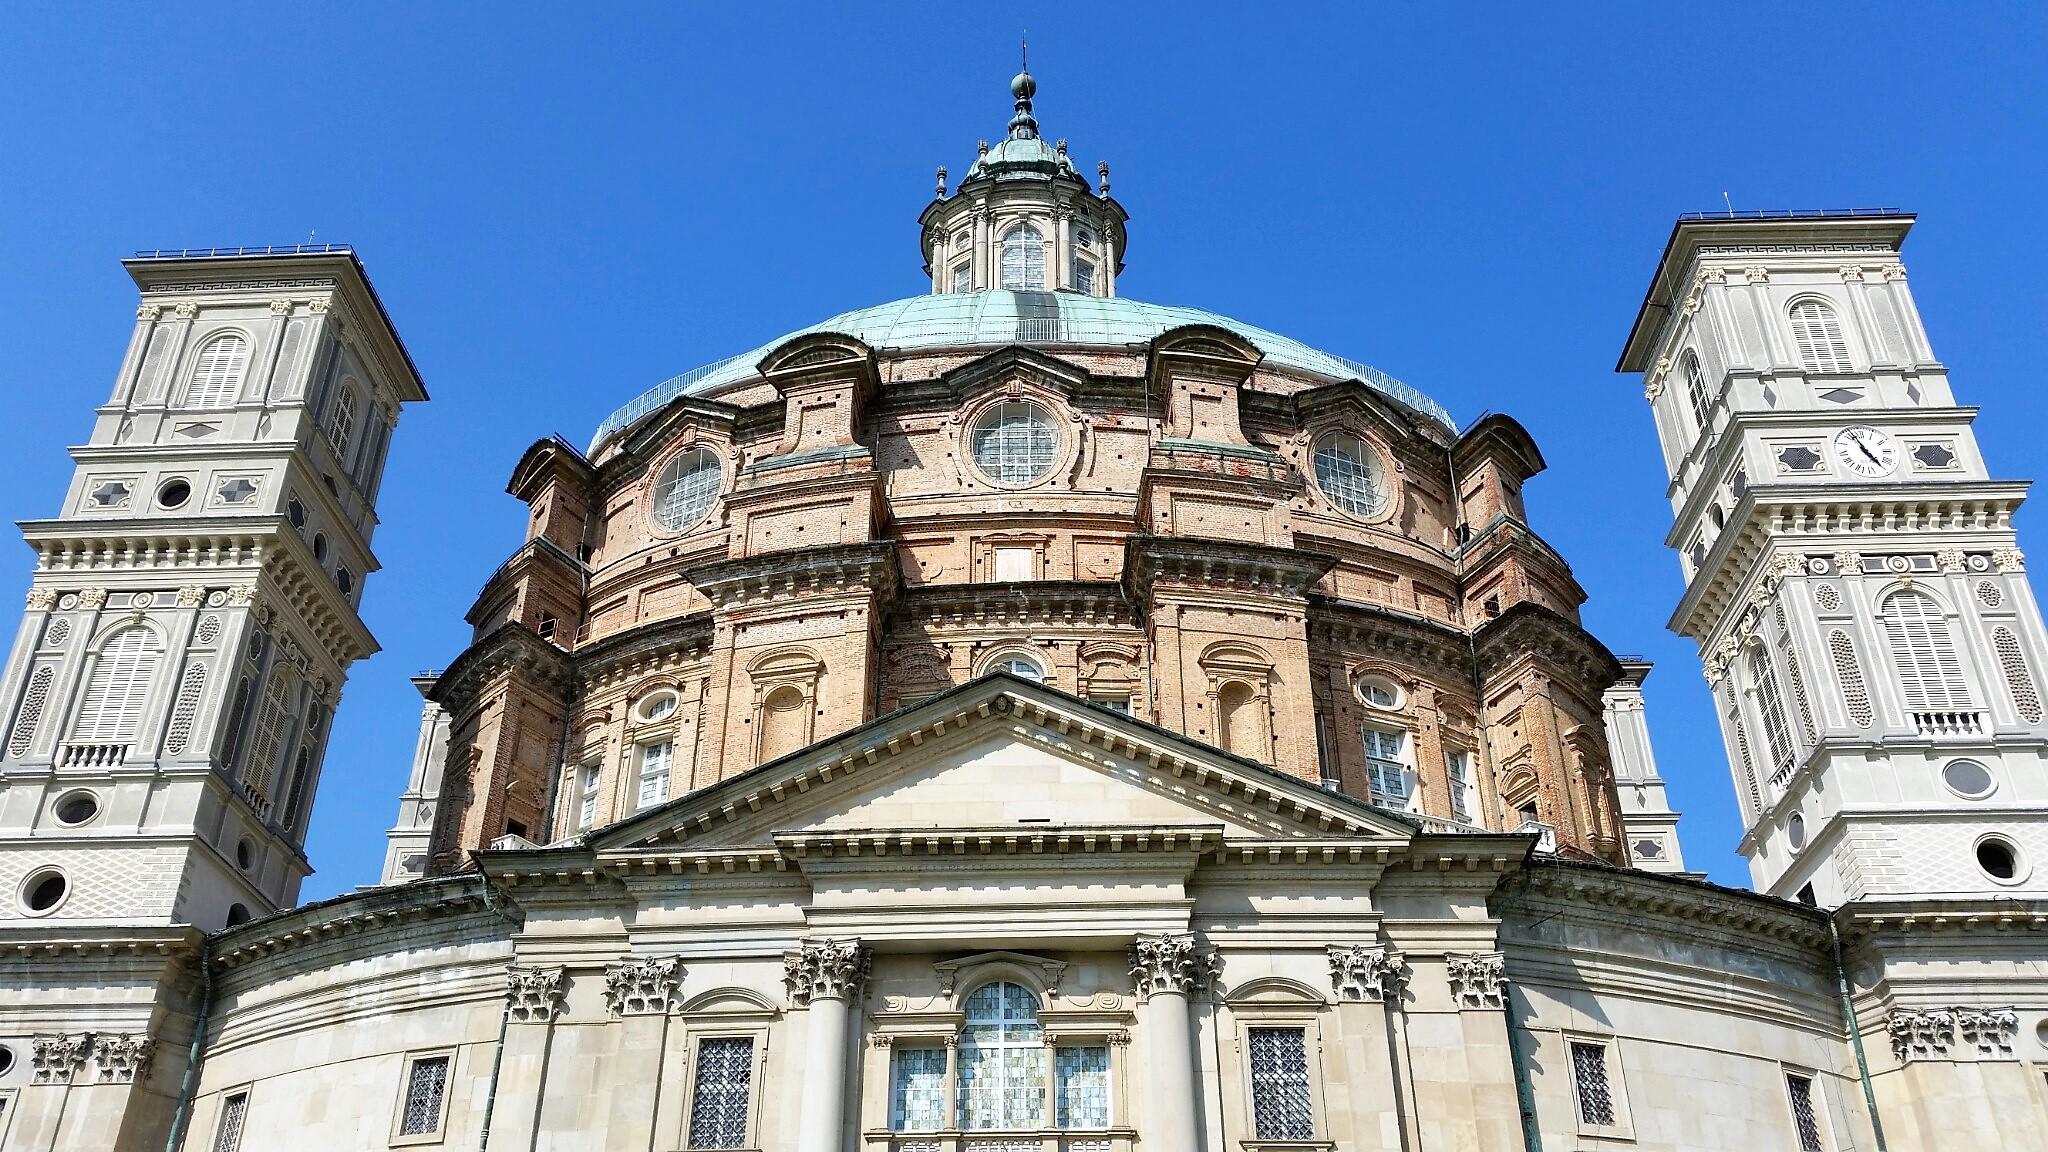 Il Santuario di Vicoforte, luogo di devozione mariana e sepolcreto sabaudo con duplice primato mondiale: la cupola ellittica più grande e l'affresco a tema unico più ampio